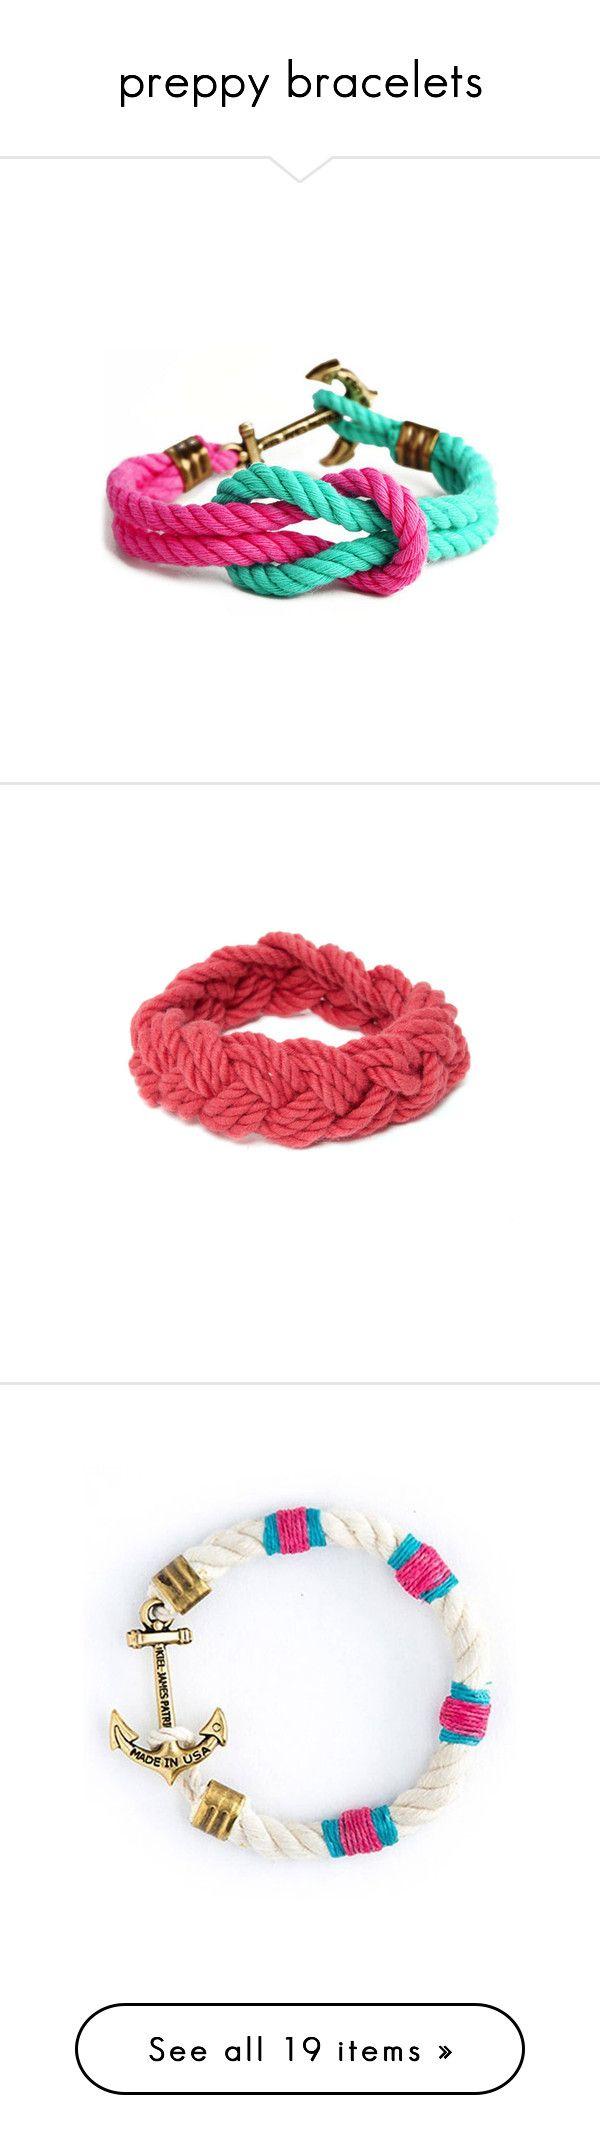 """""""preppy bracelets"""" by okieprep ❤ liked on Polyvore featuring jewelry, bracelets, bracelet bangle, bracelet jewelry, sailor knot bracelet, sailor rope bracelet, pandora bracelet, jade bangle, red jewelry and pandora charms"""